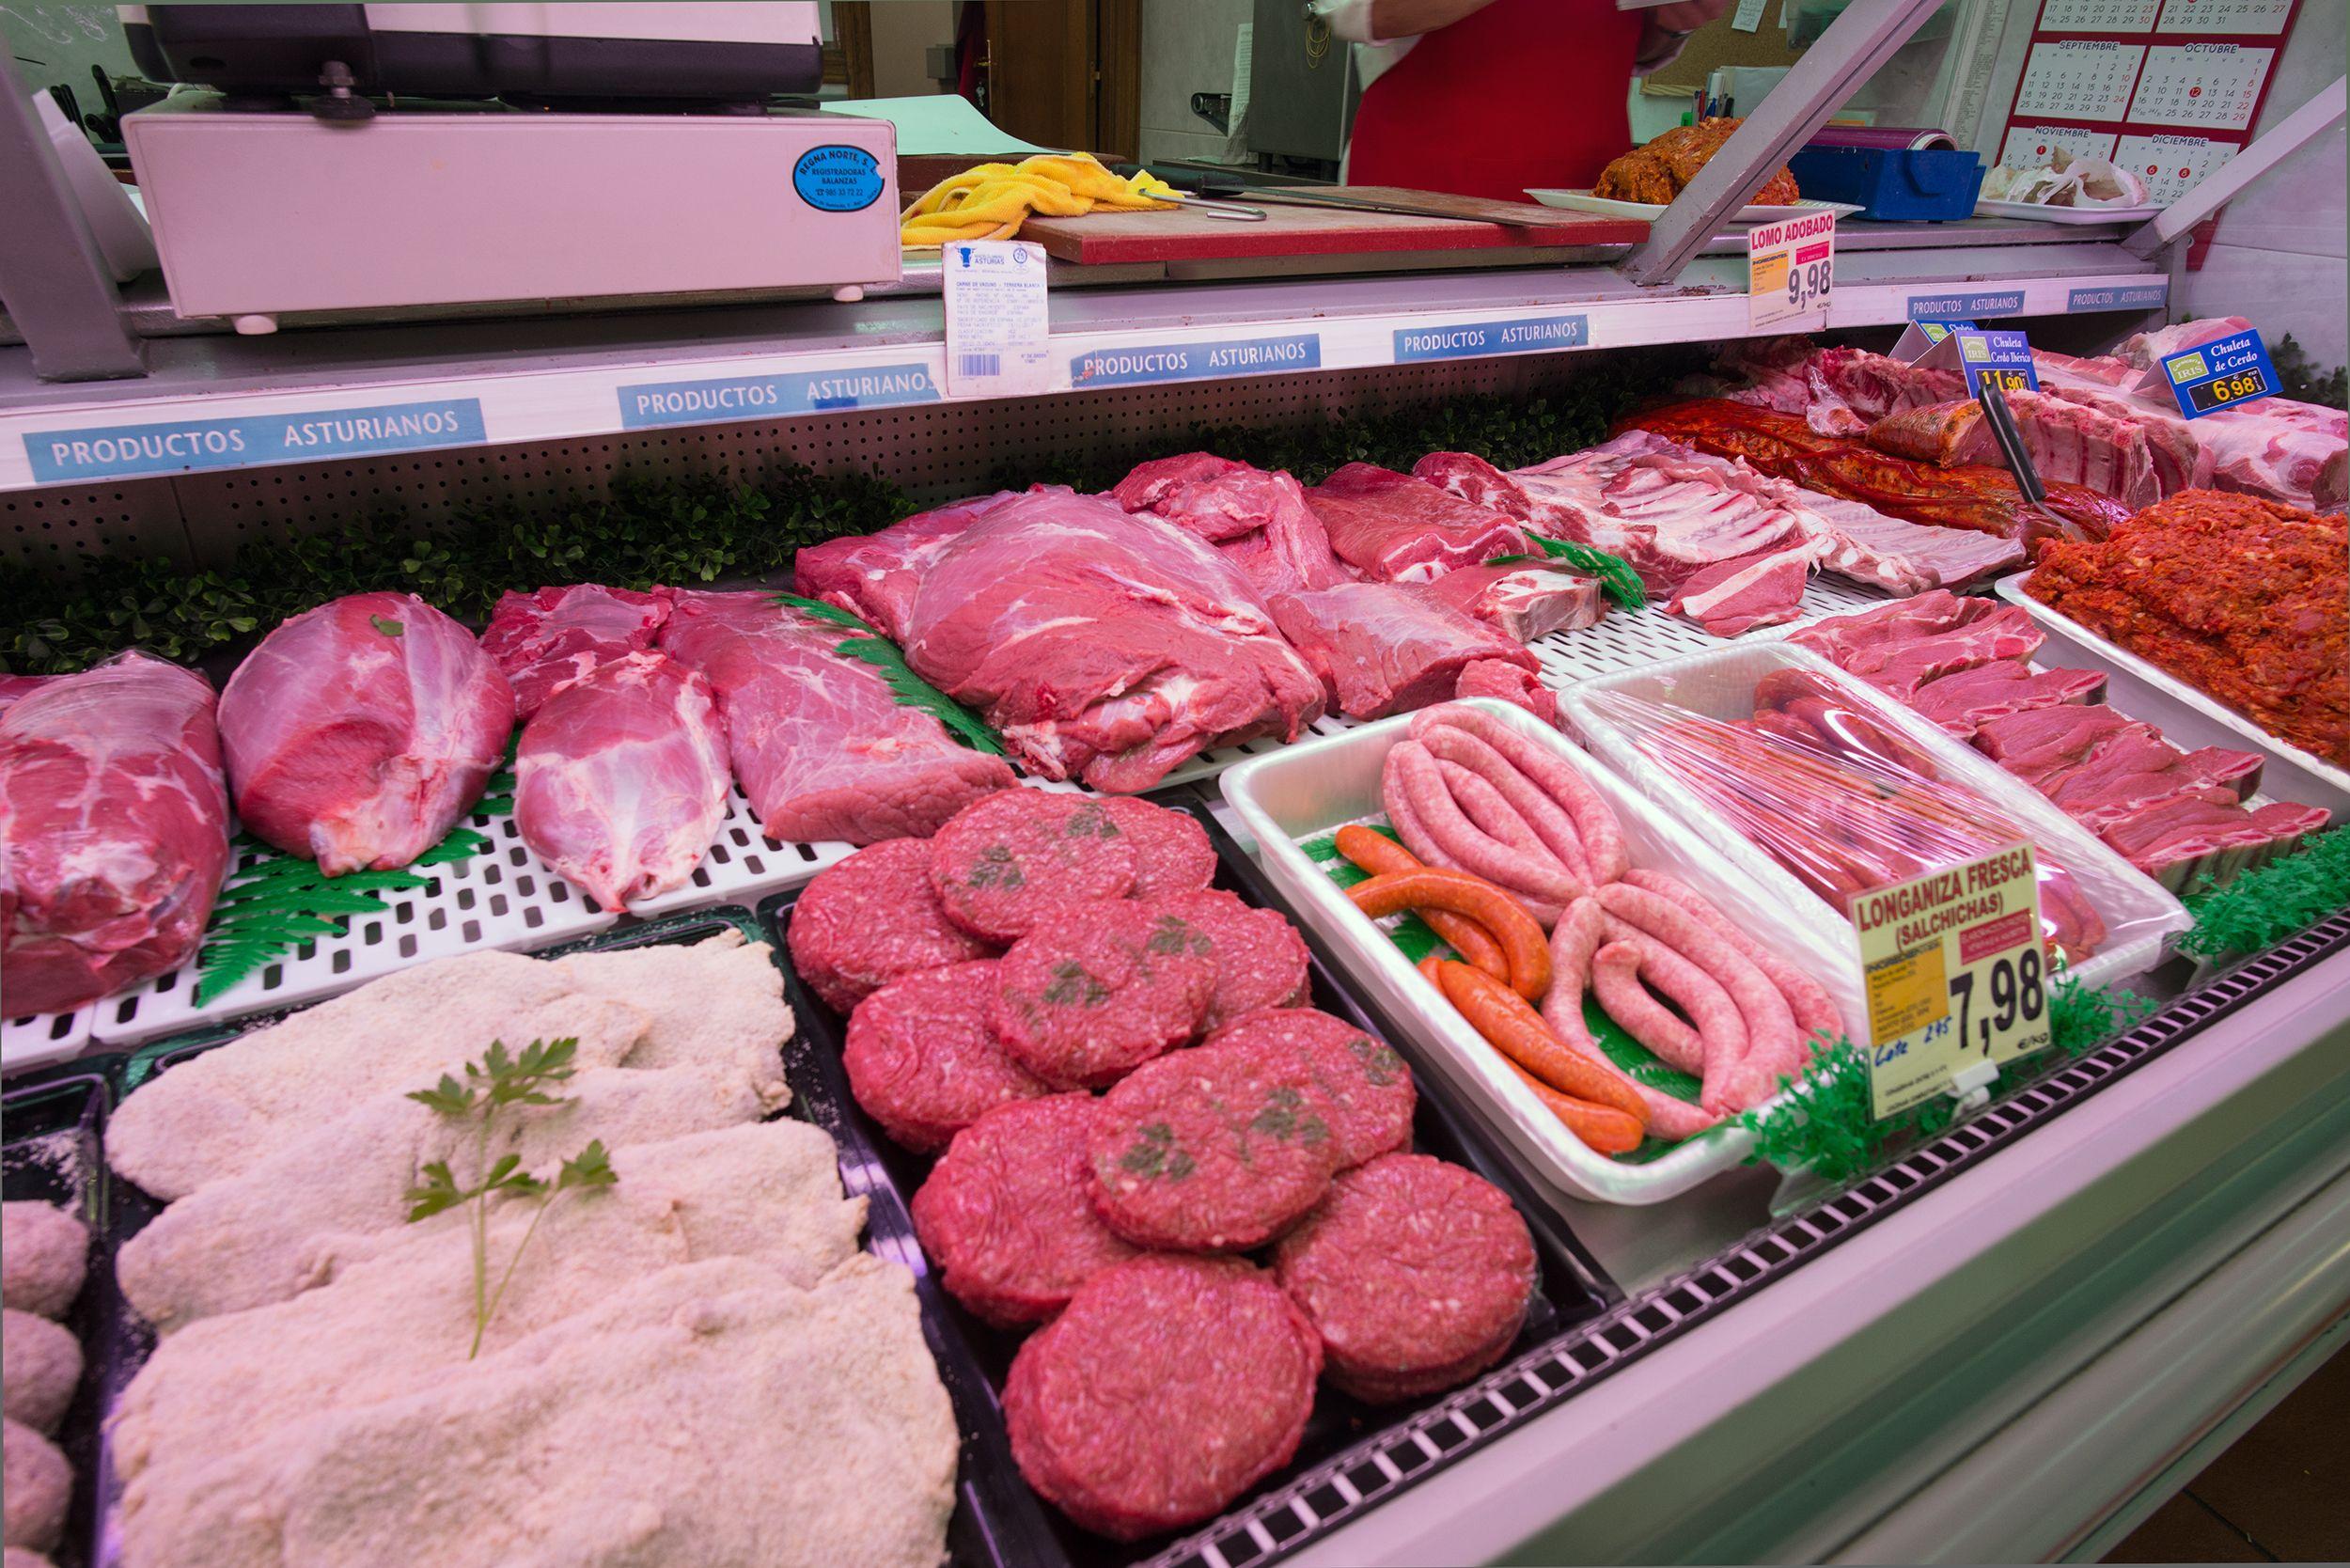 Productos de carnicería en Oviedo